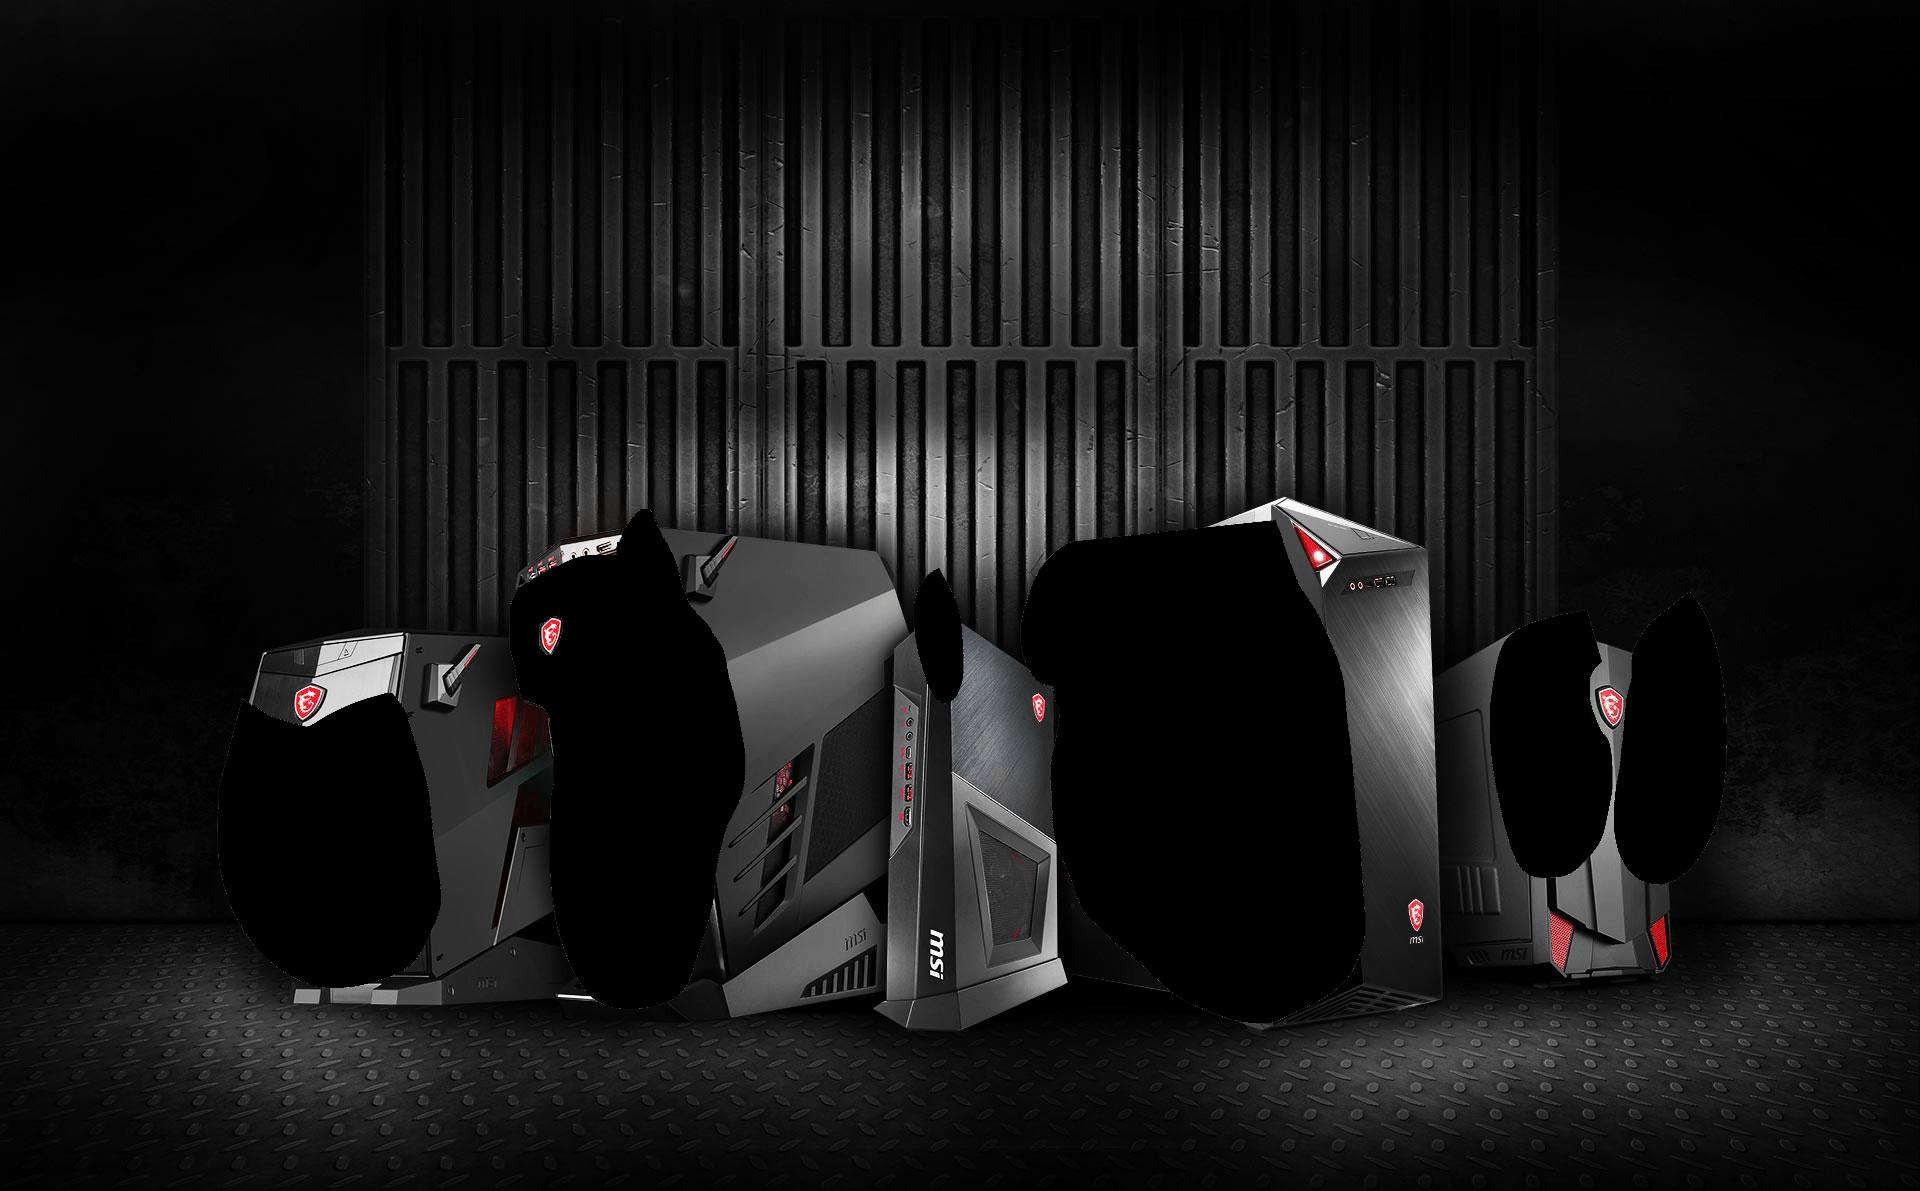 The Best Gaming PC 2019 | Gaming Desktop | MSI